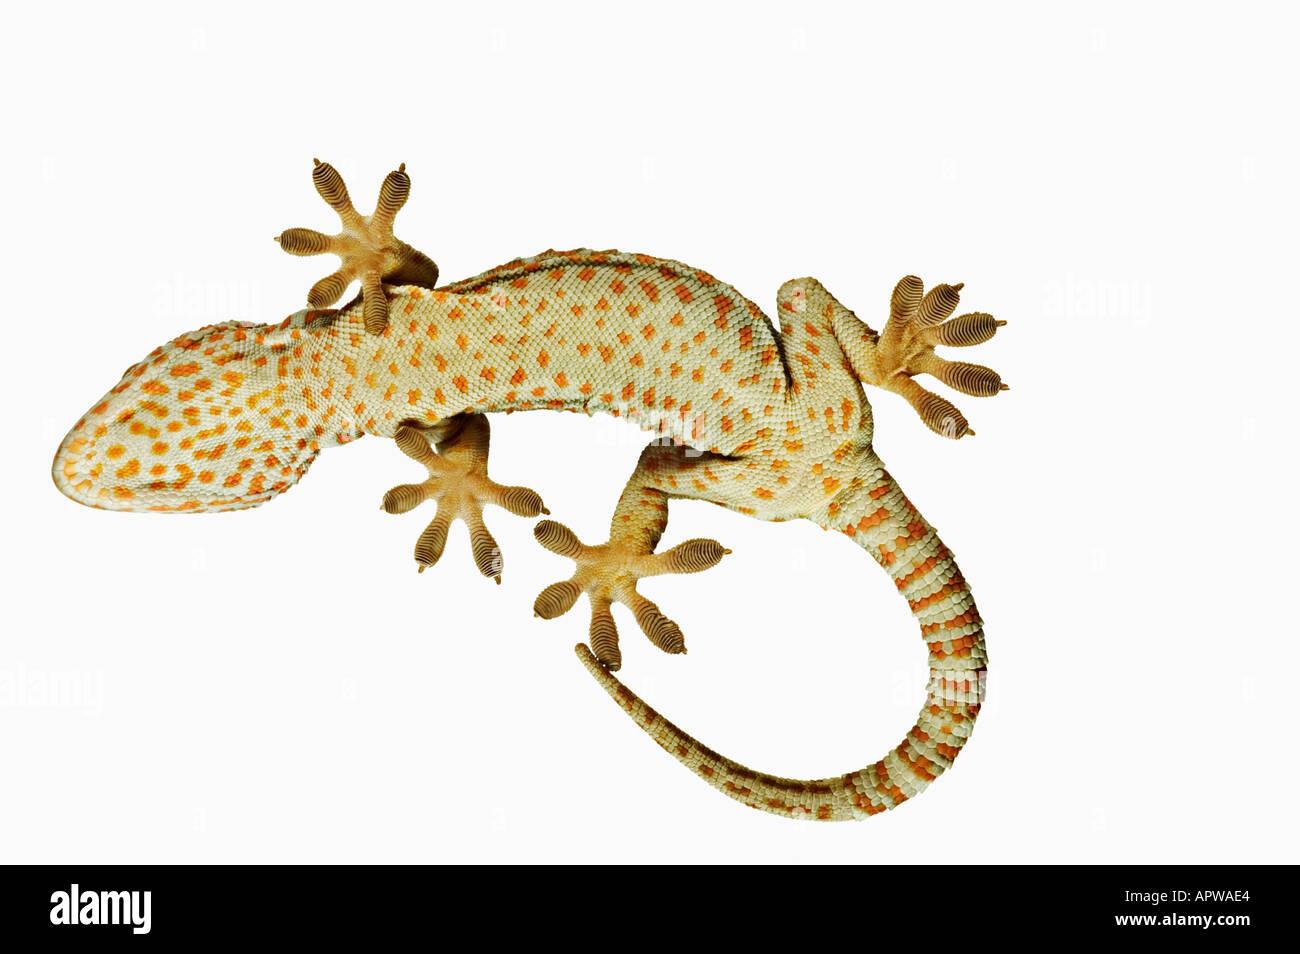 Tokay Gecko Gekko Gecko Ansicht von unten zeigt speziell angepasste Füße Dist South East Asia Stockbild